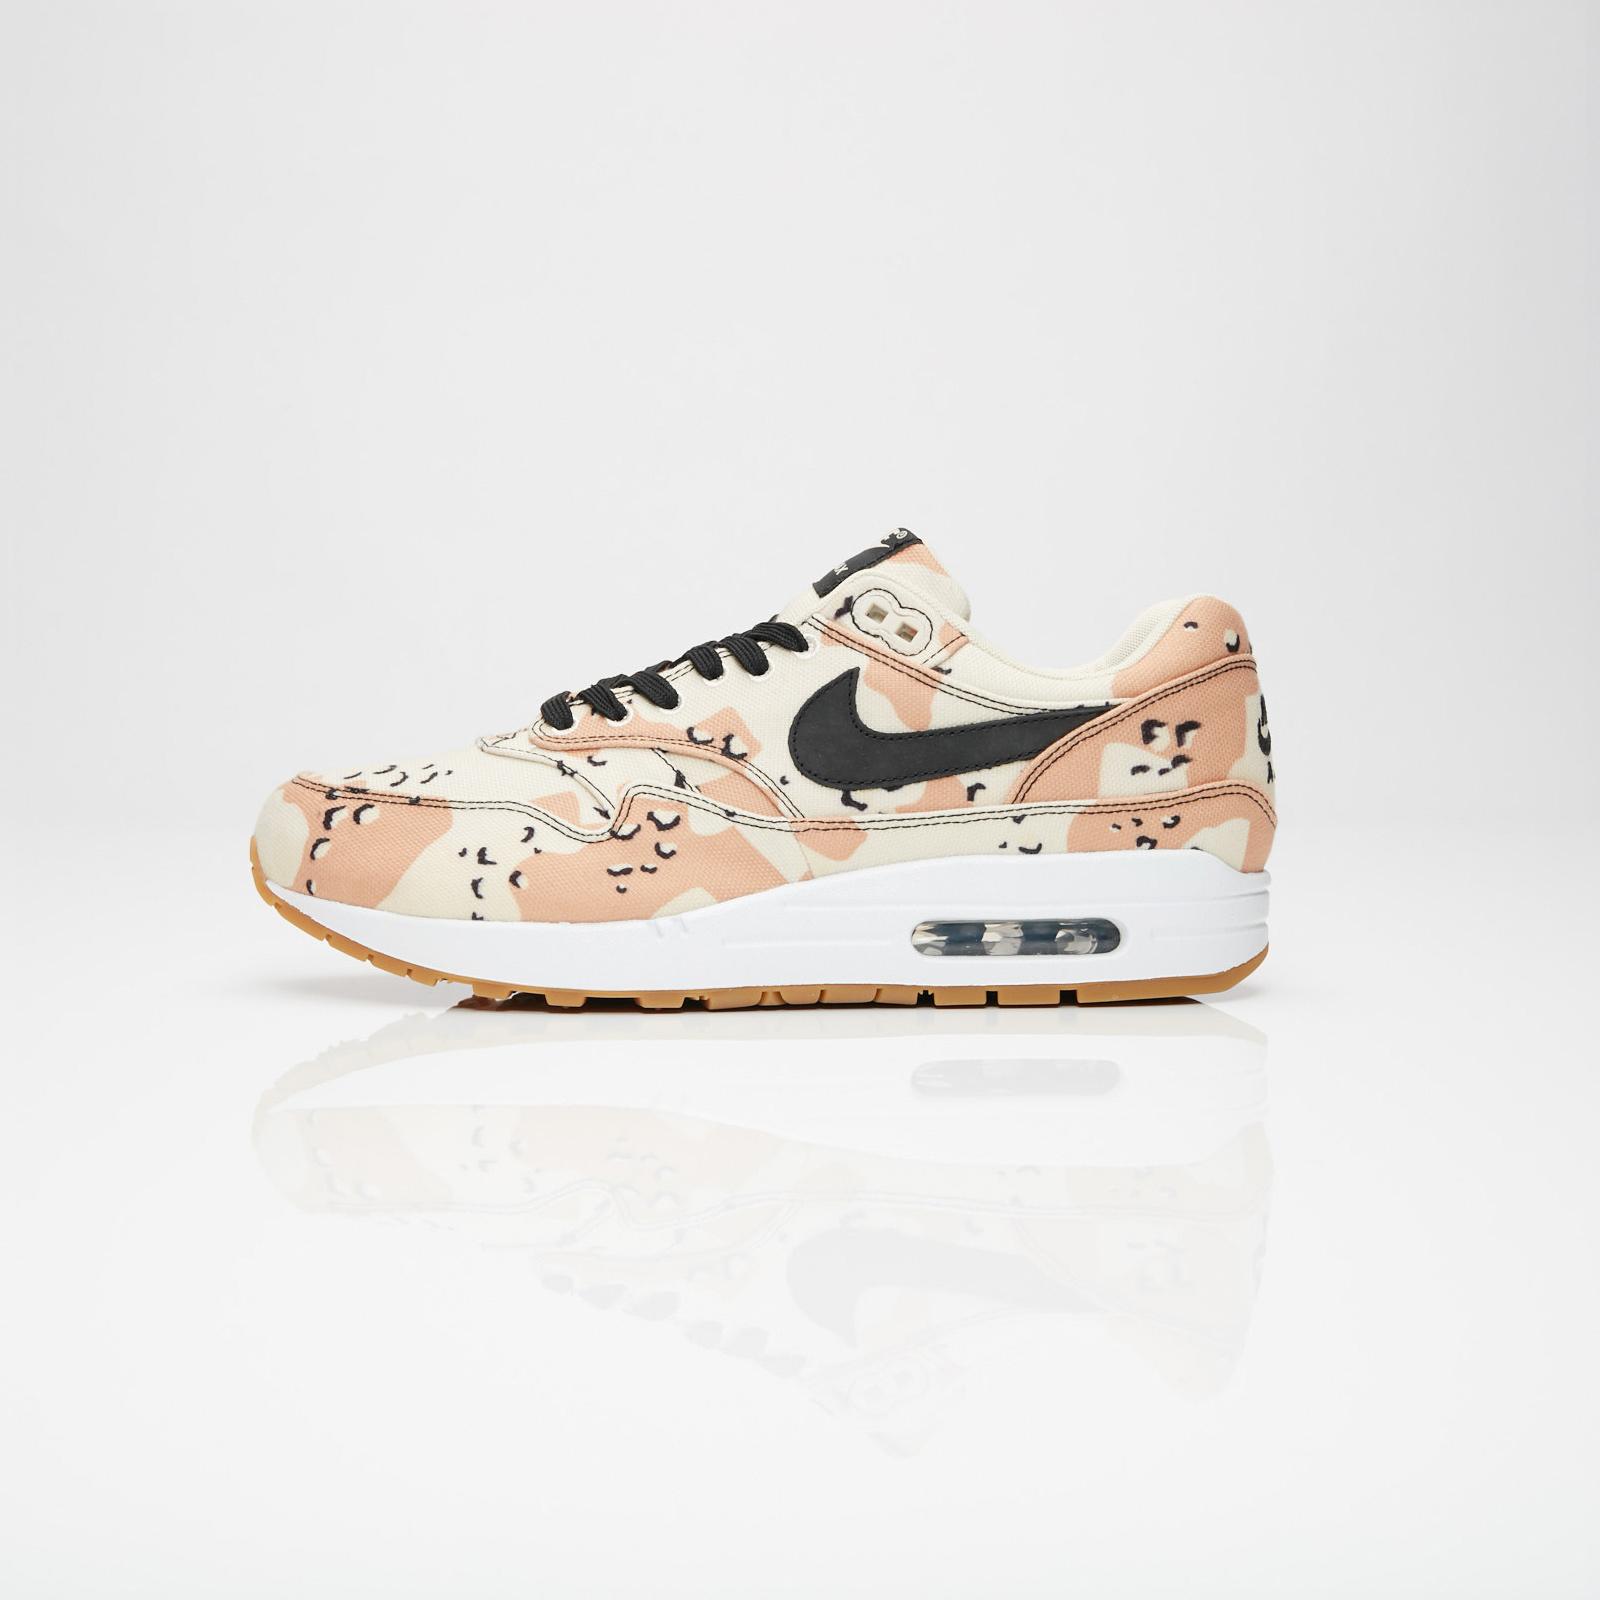 buy popular 72fcb f40a0 Nike Air Max 1 Premium - 875844-204 - Sneakersnstuff   sneakers    streetwear online since 1999